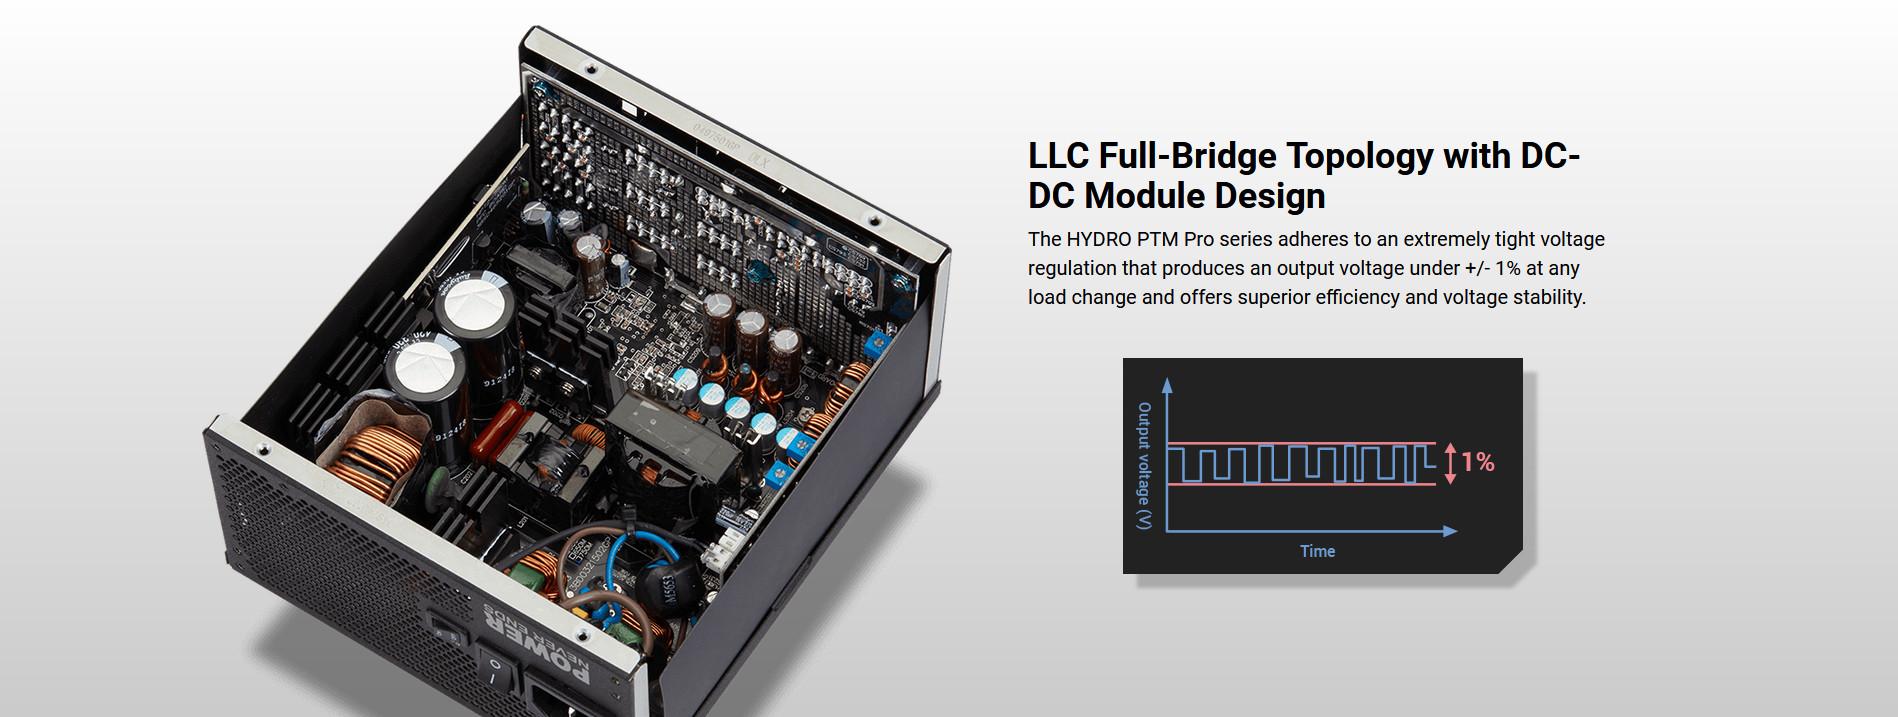 Nguồn FSP Power Supply HYDRO PTM PRO HPT2-650M  Active PFC (80 Plus Platinum/Full Modular /Màu Đen) giới thiệu 4